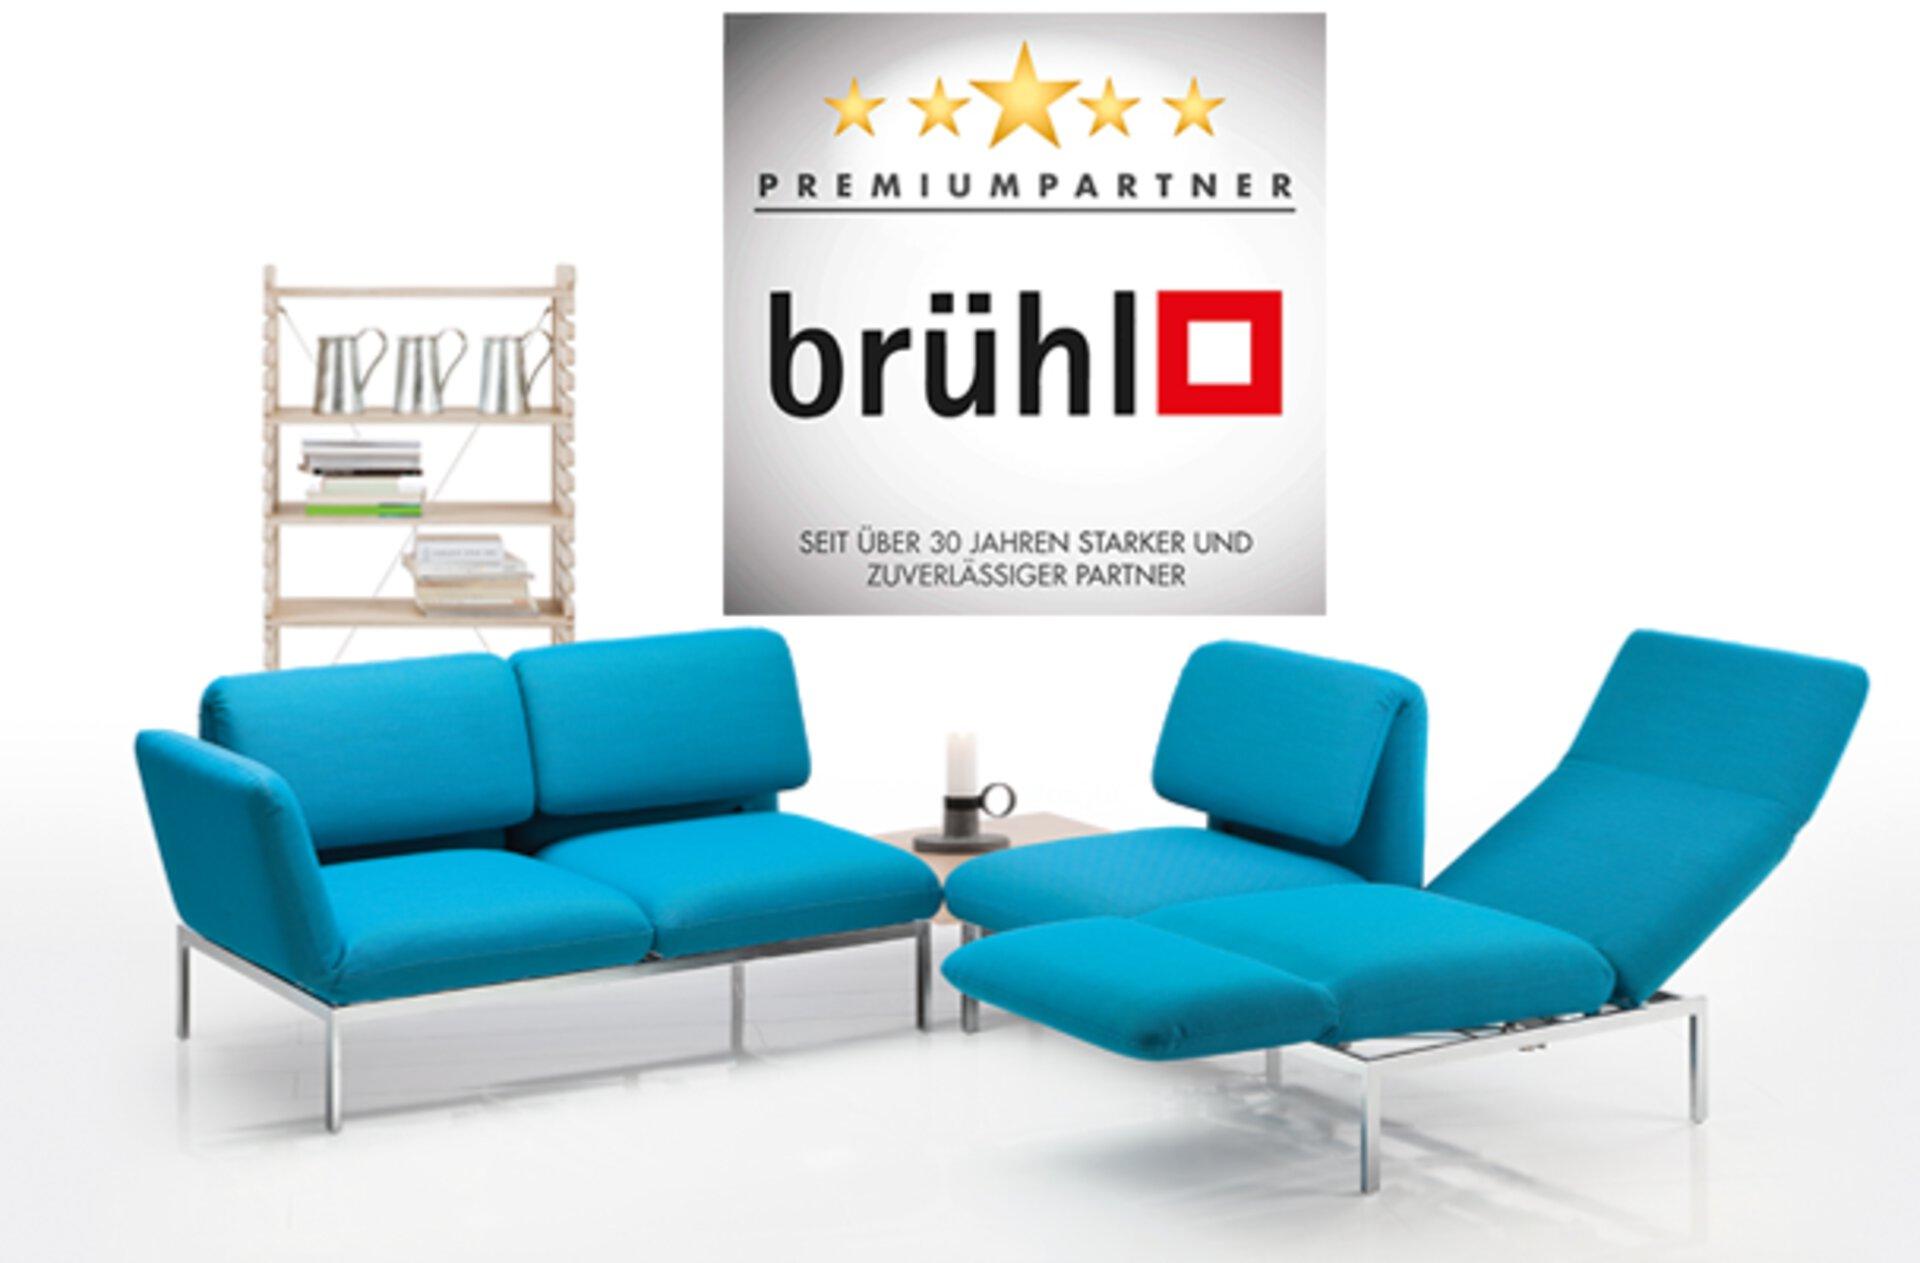 brühl markenseite premiumpartner premiummarke polstermöbel wohnzimmer wohnen